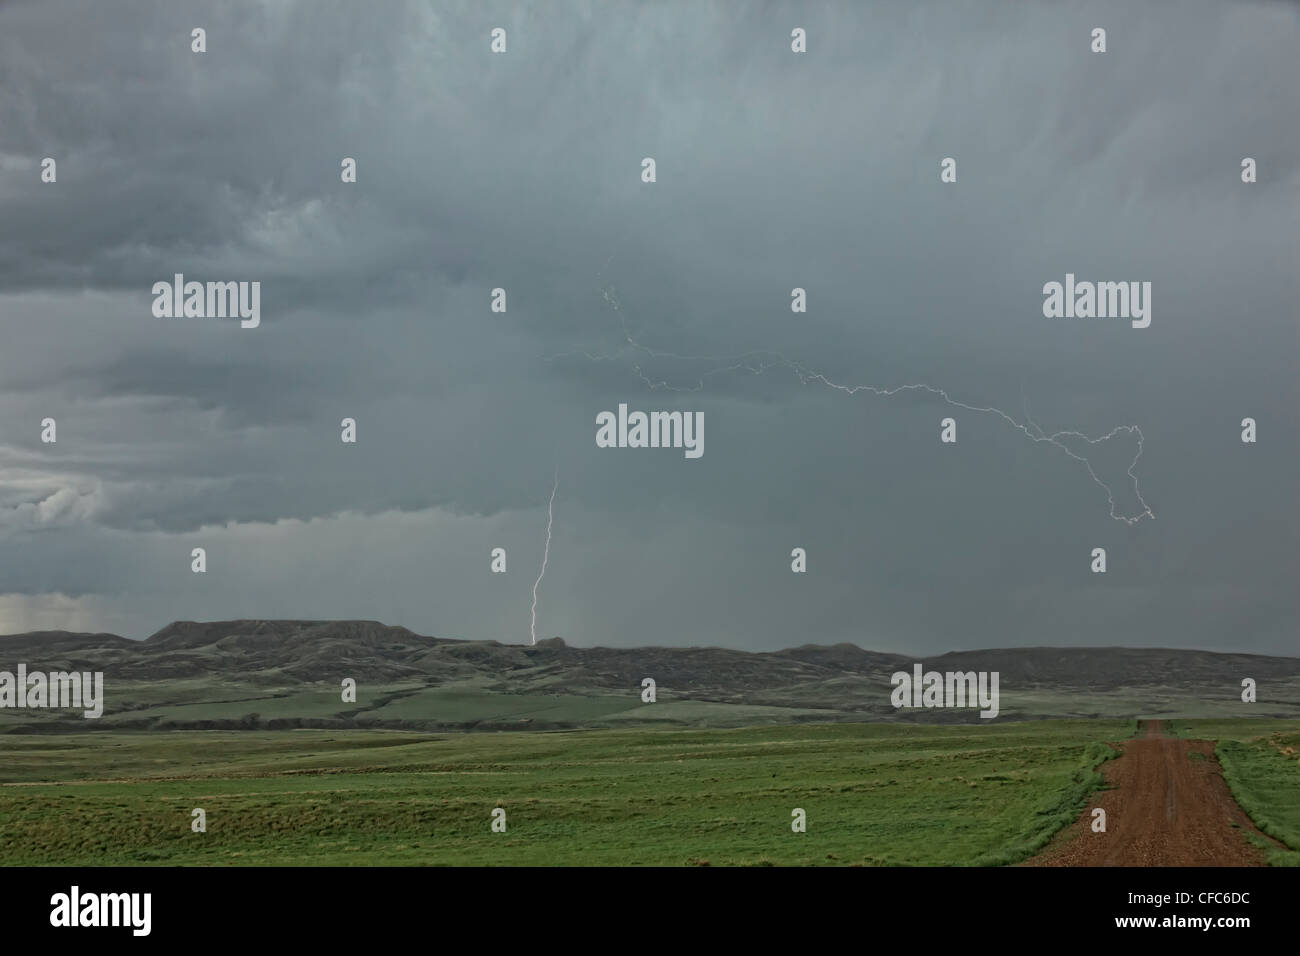 Lightning strikes over 70 Mile Butte, Grasslands National Park, Saskatchewan, Canada. - Stock Image